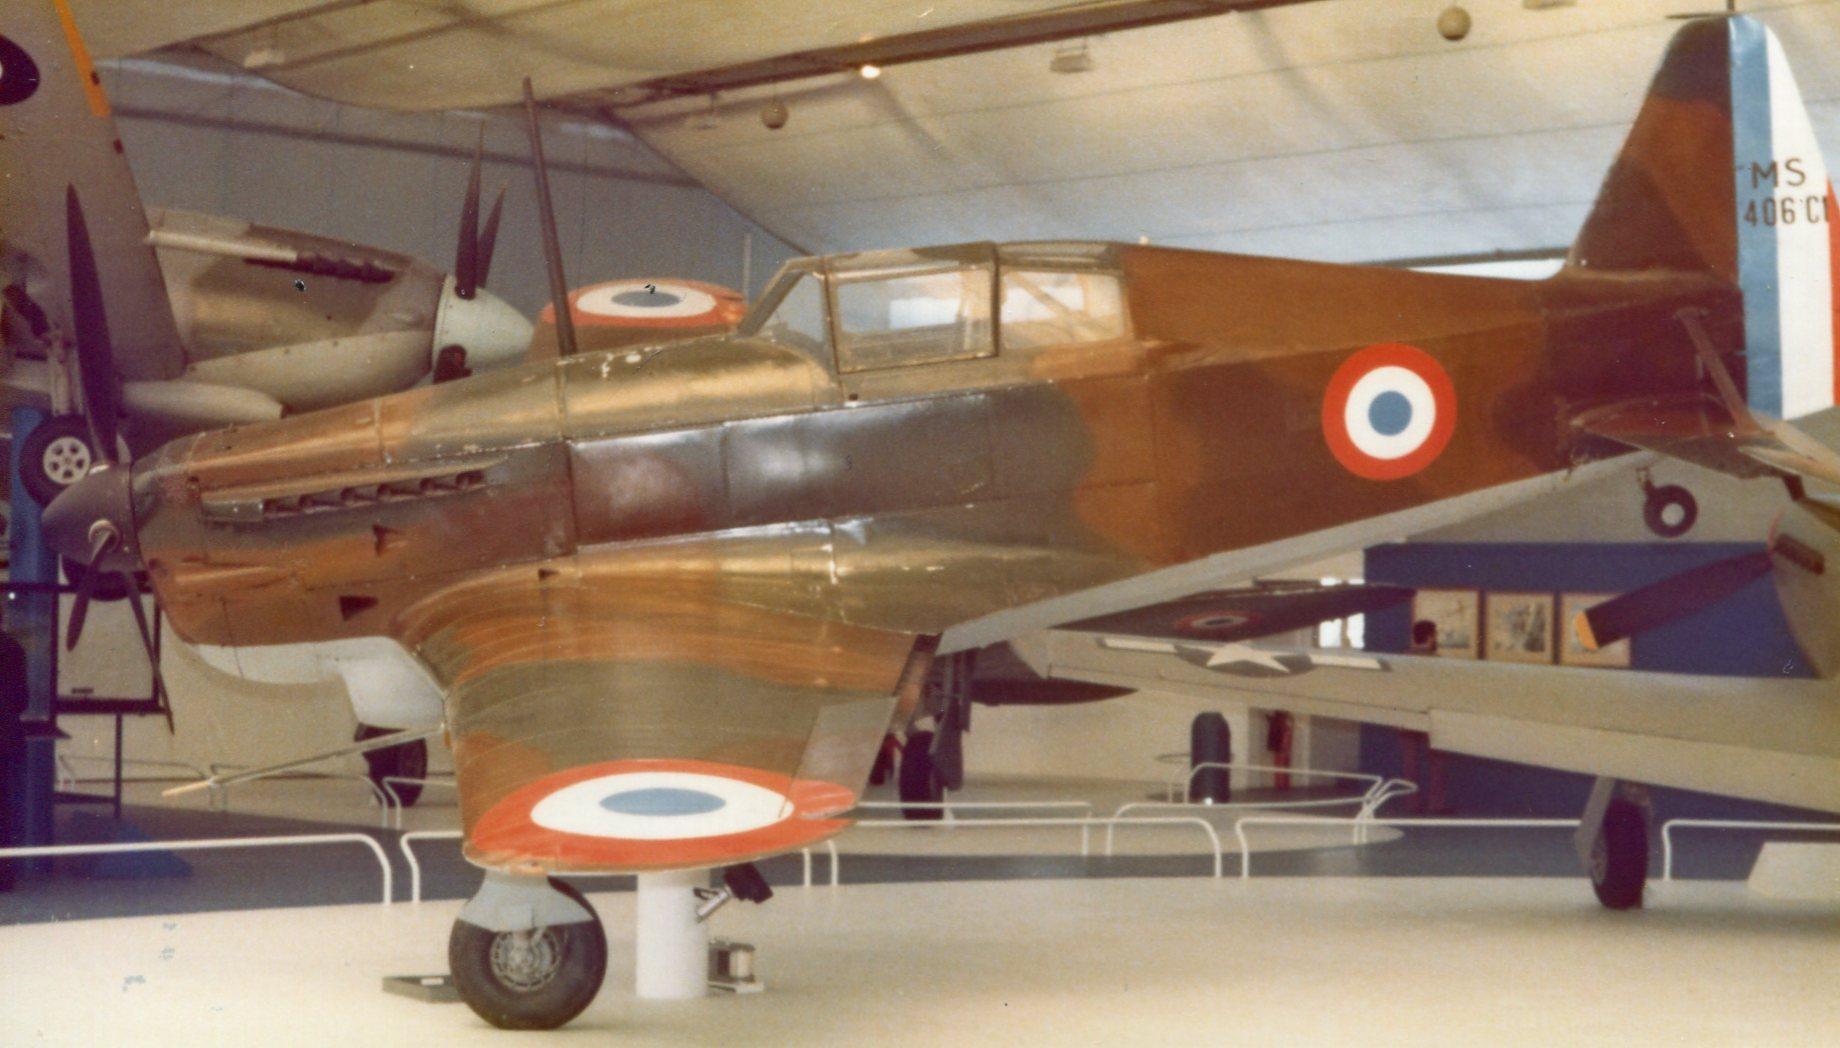 Naam: MS 406 Dewoitine - musee de l ' air - Parijs. (2)+.jpg Bekeken: 110 Grootte: 227,4 KB